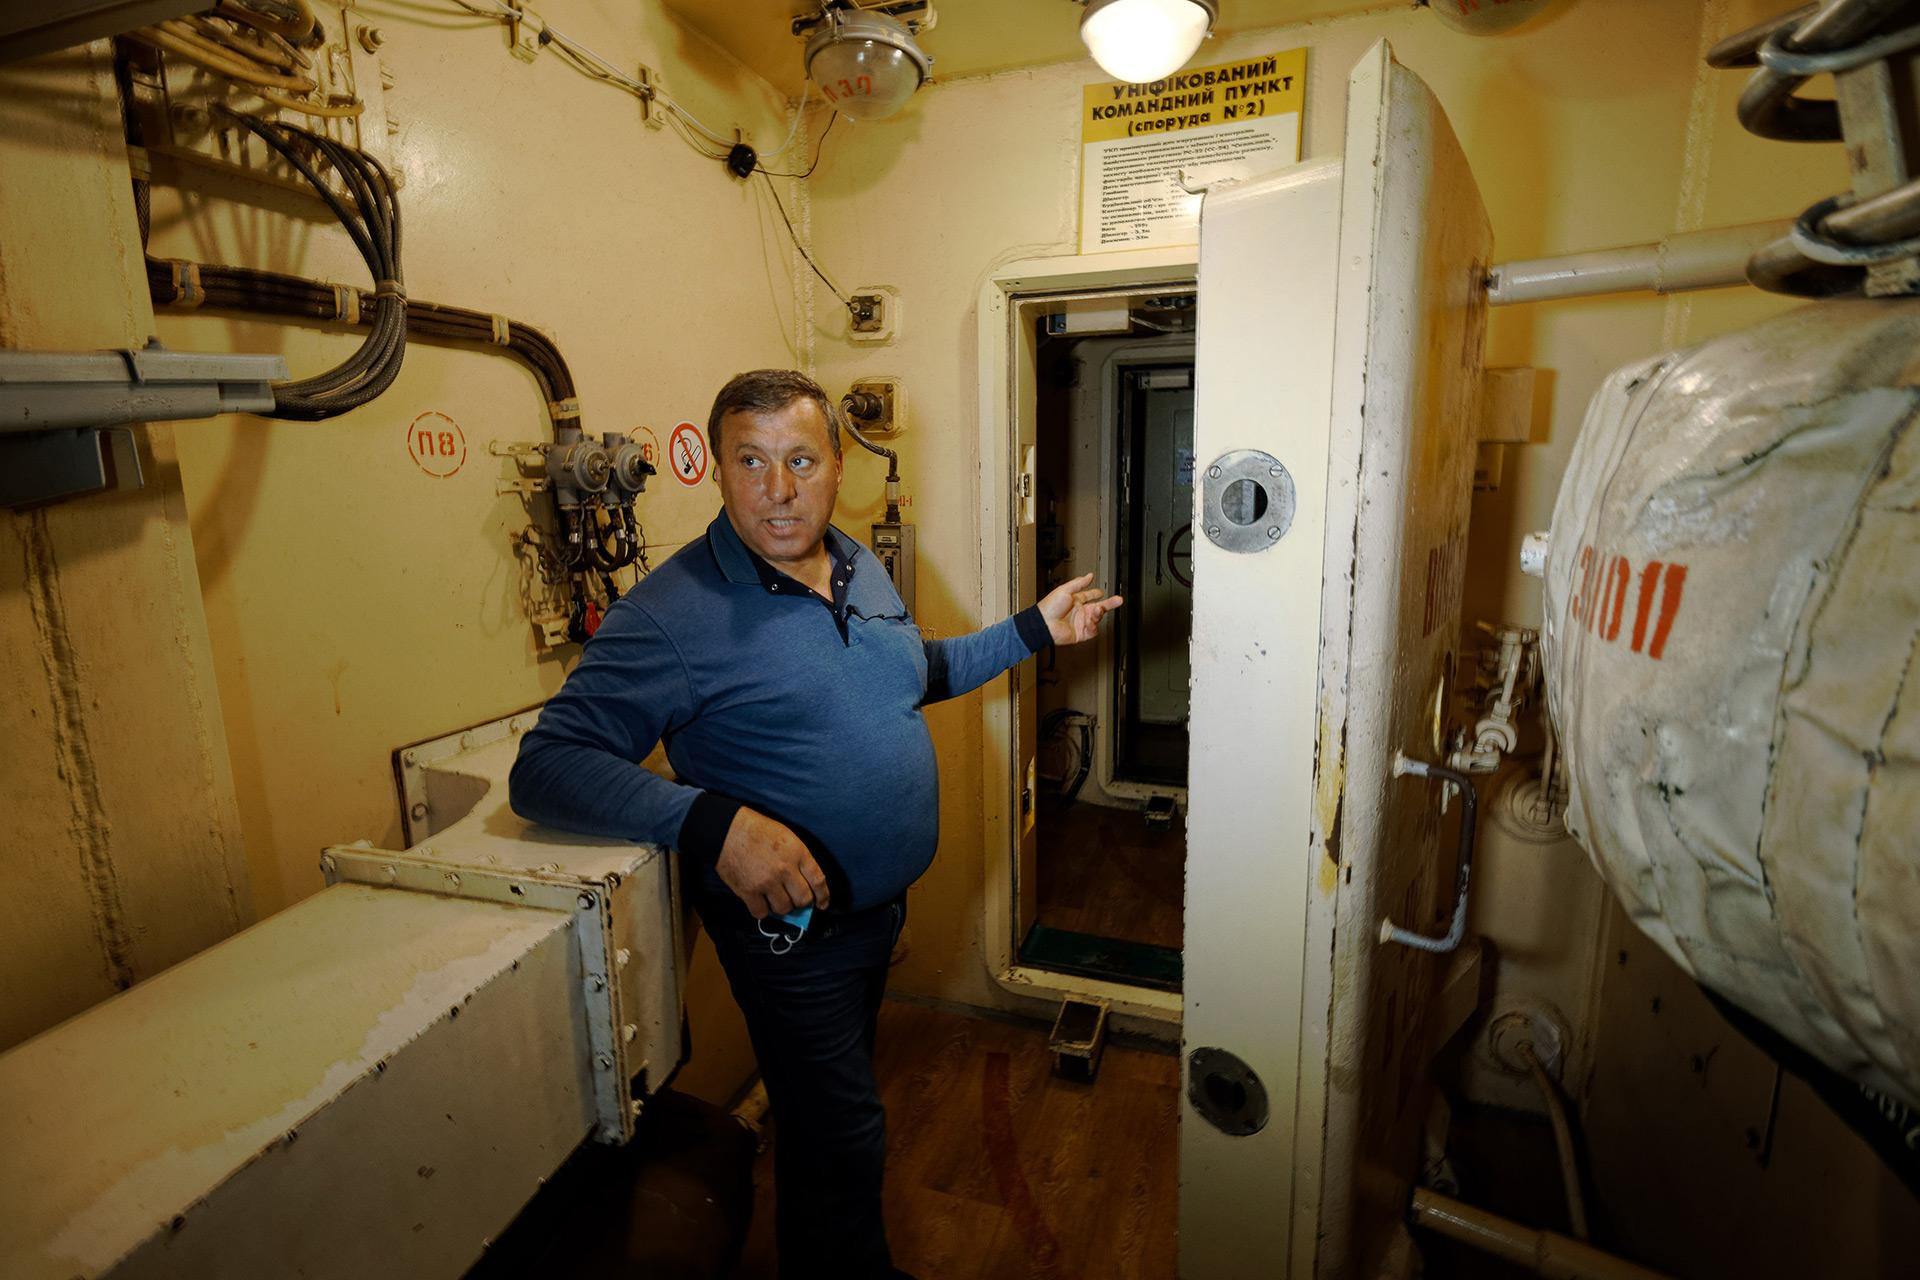 В подземном командном пункте многое напоминает внутренности подводной лодки